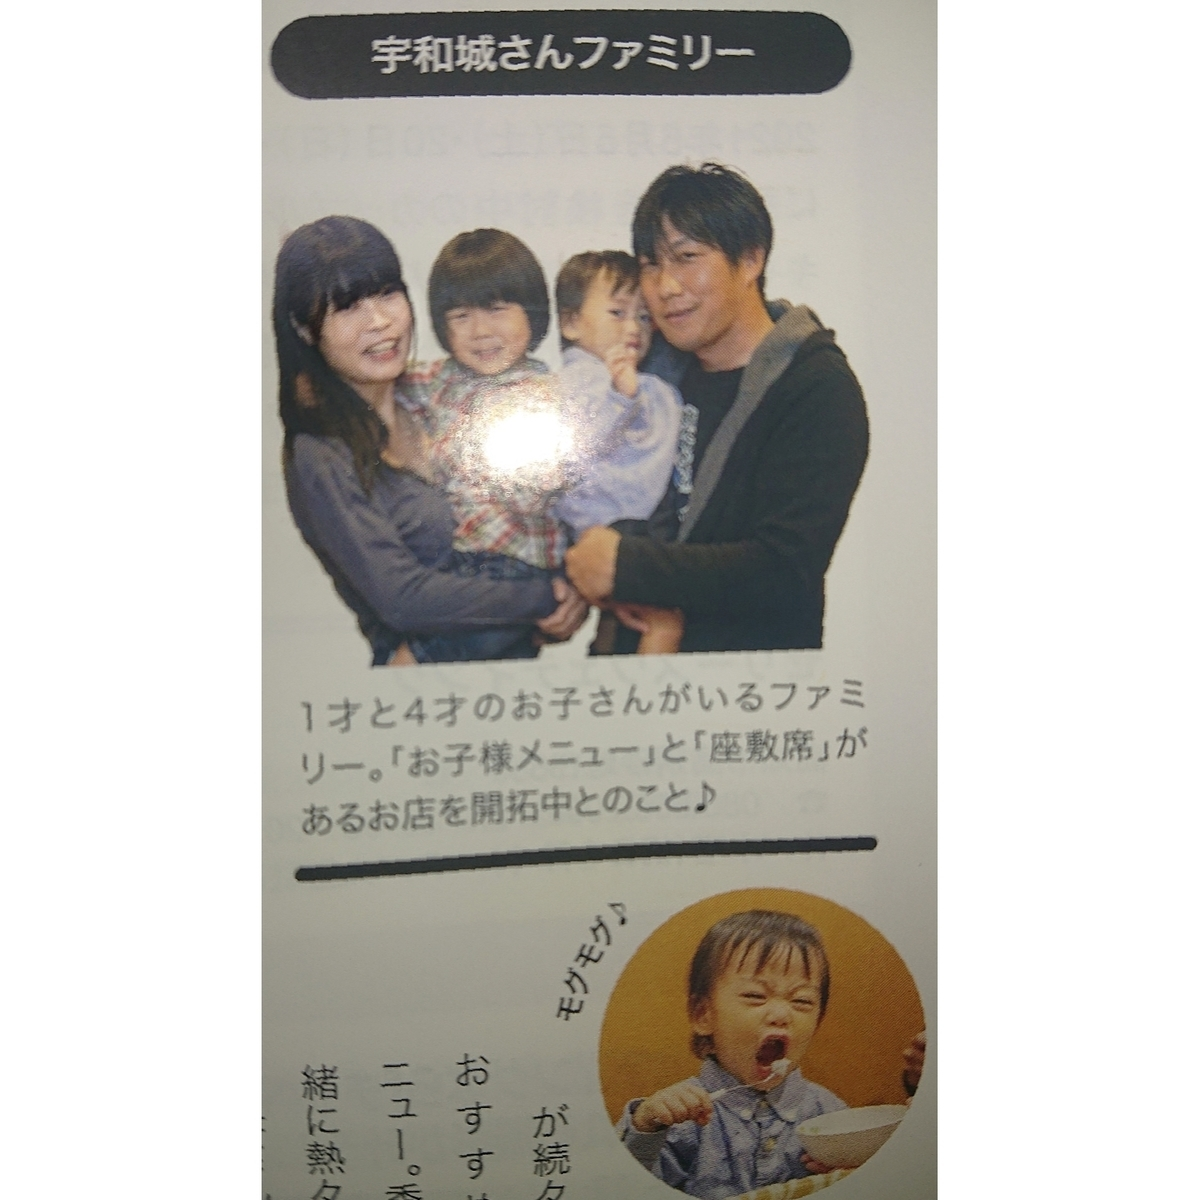 f:id:yuinchi:20201126230913j:plain